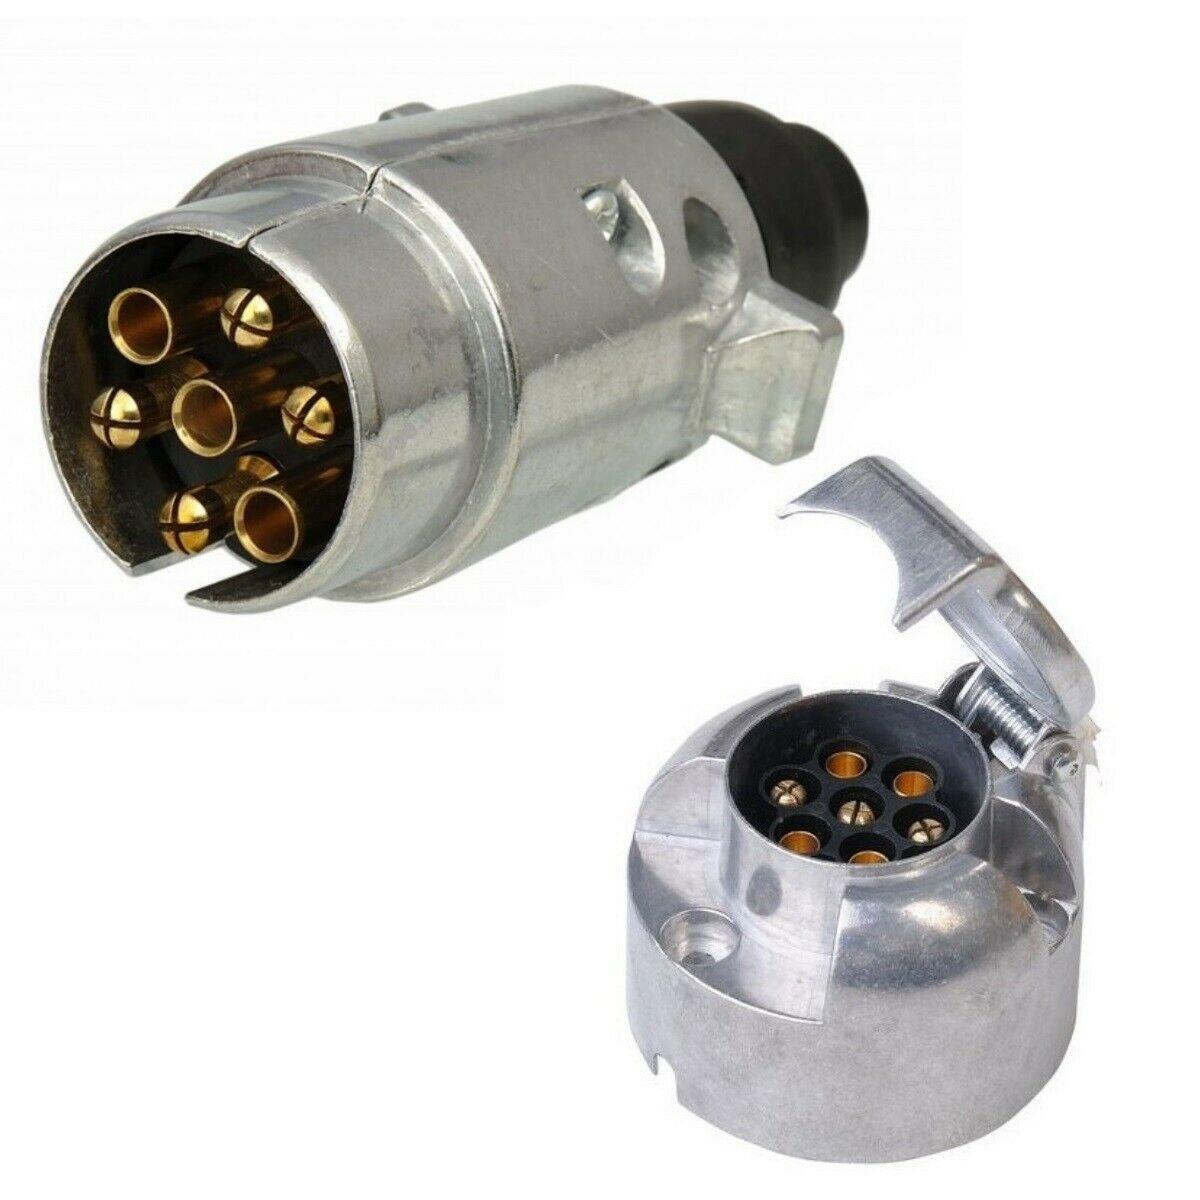 2pcs Trailer Plug Socket 7-pin Metal Set Car Trailer Coupling Socket Bagged